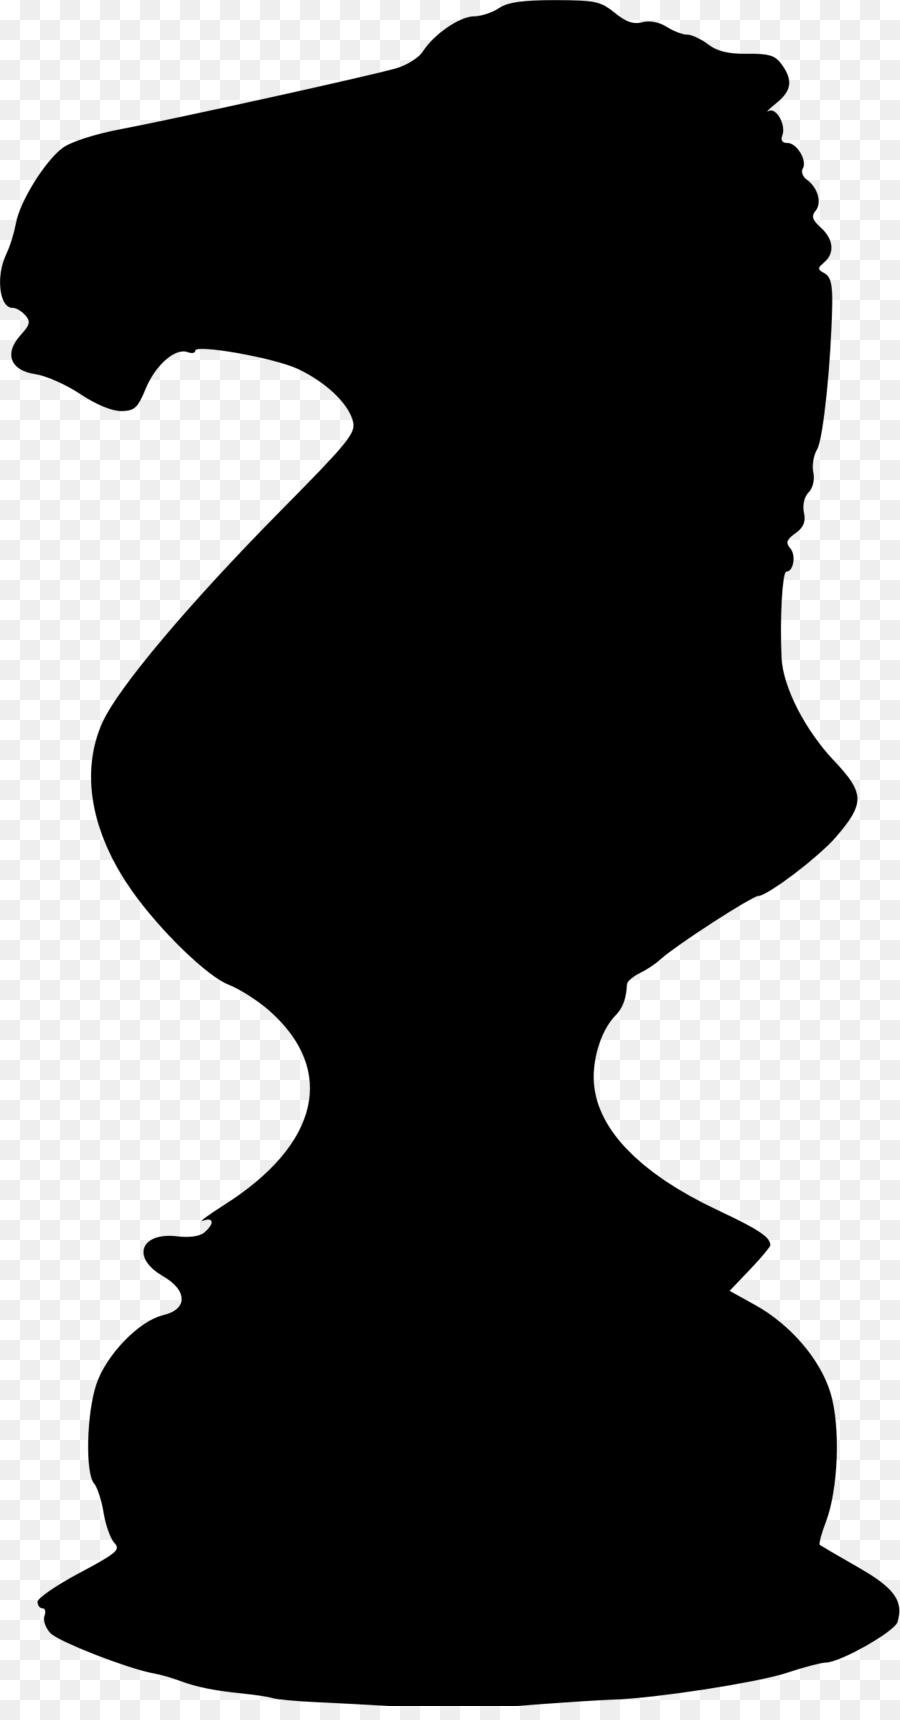 900x1720 Chess Piece Knight Rook Clip Art